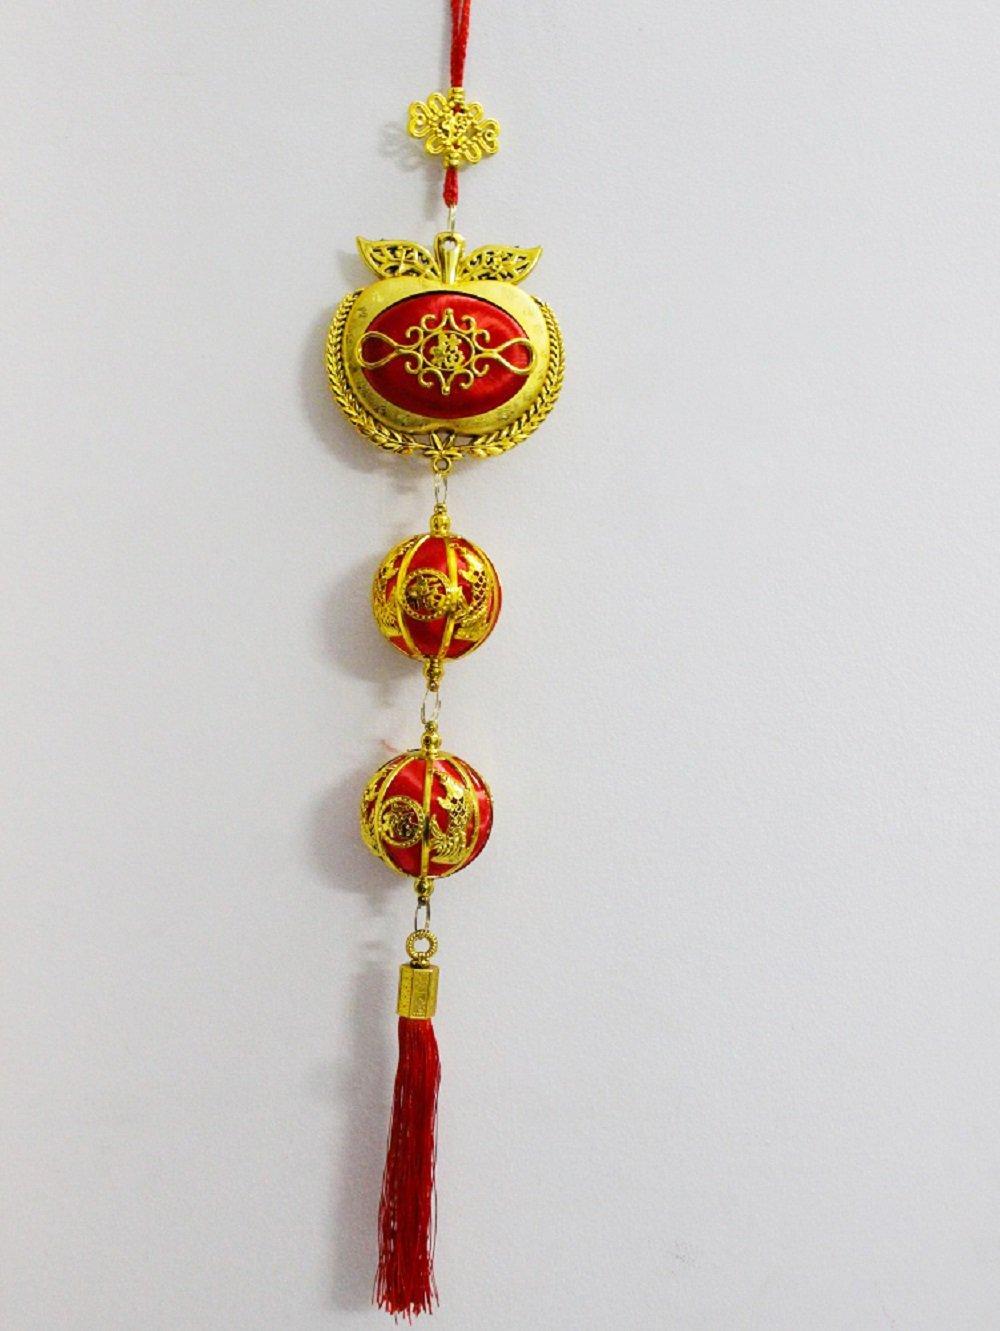 Lộc treo táo vàng kèm châu đỏ trang trí tết